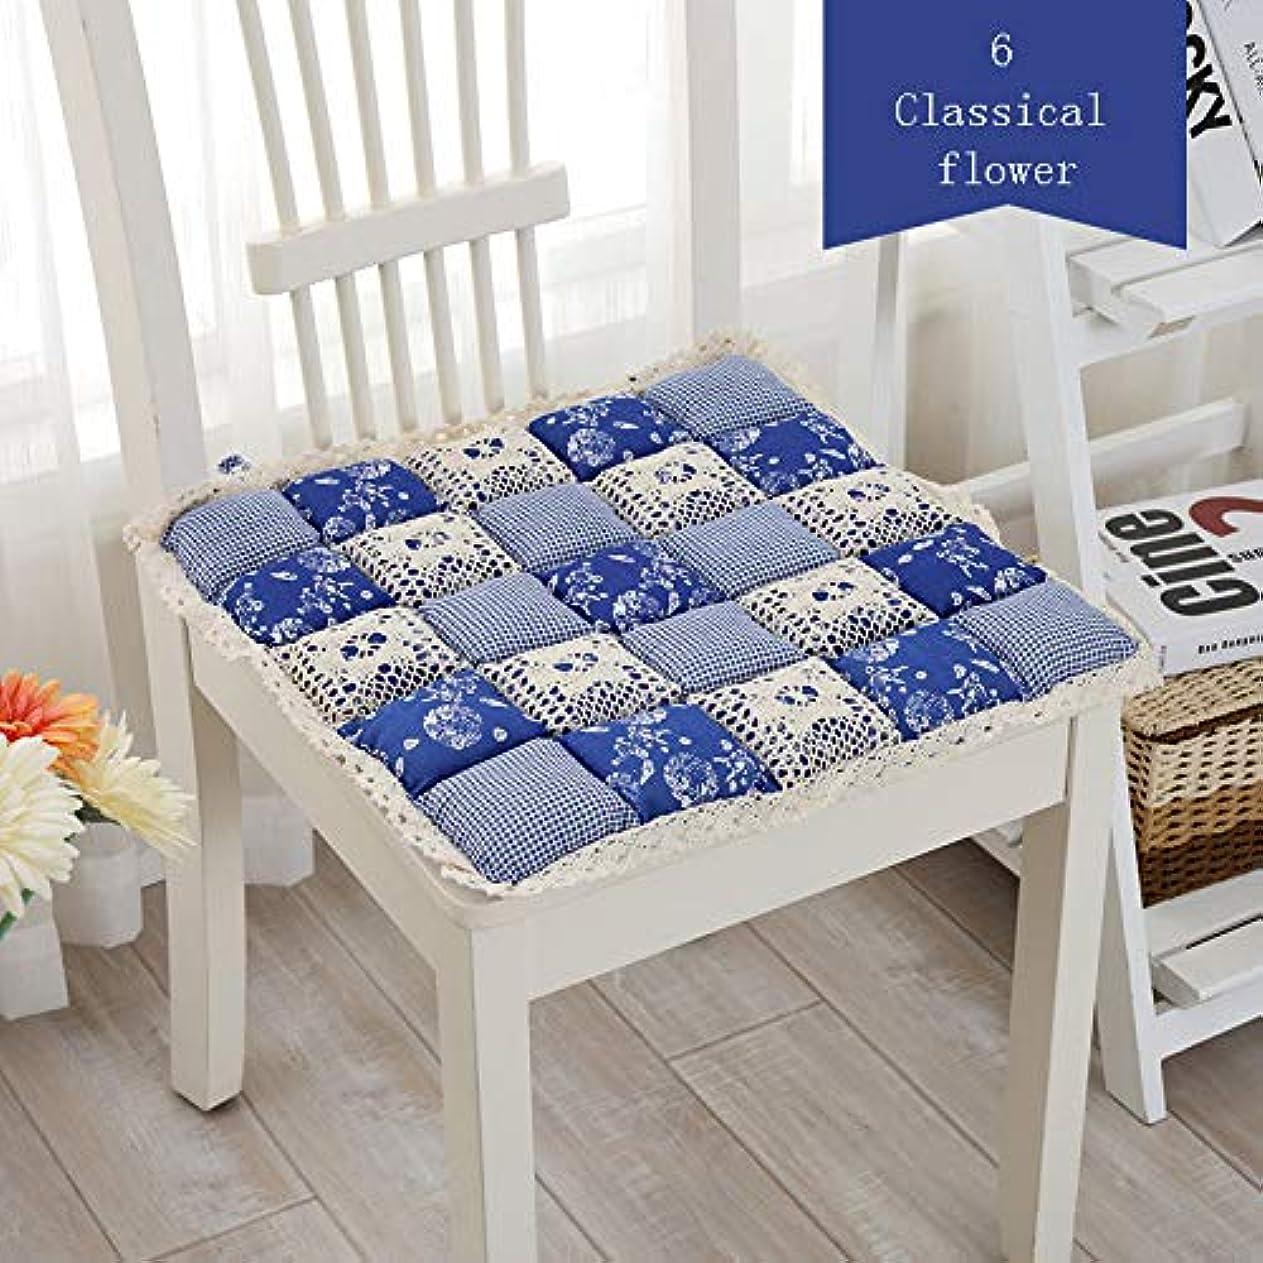 エチケット擬人化感性LIFE 1 個抗褥瘡綿椅子クッション 24 色ファッションオフィス正方形クッション学生チェアクッション家の装飾厚み クッション 椅子